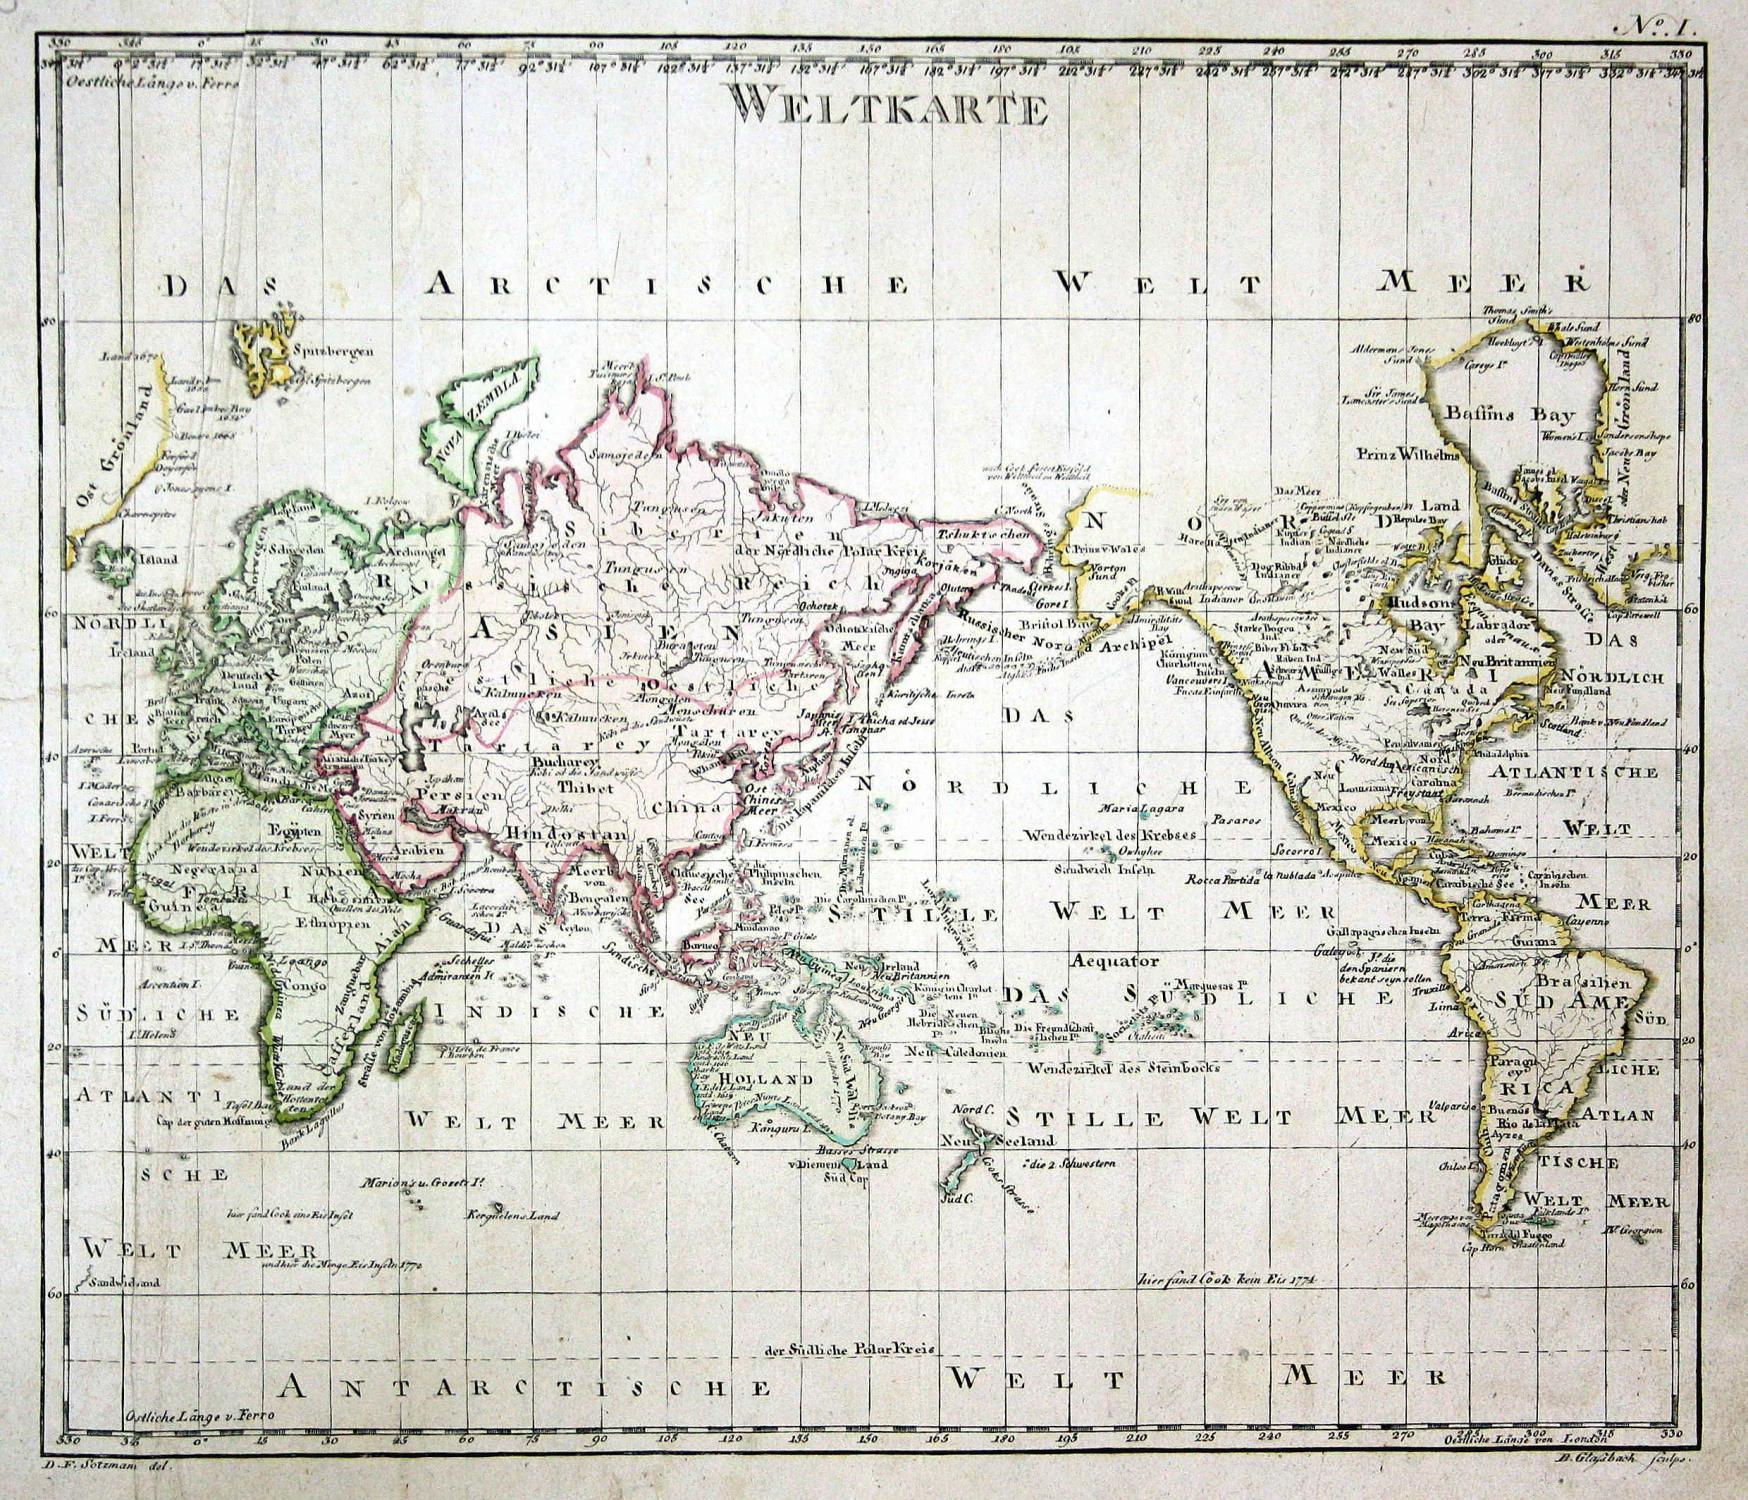 Weltkarte\